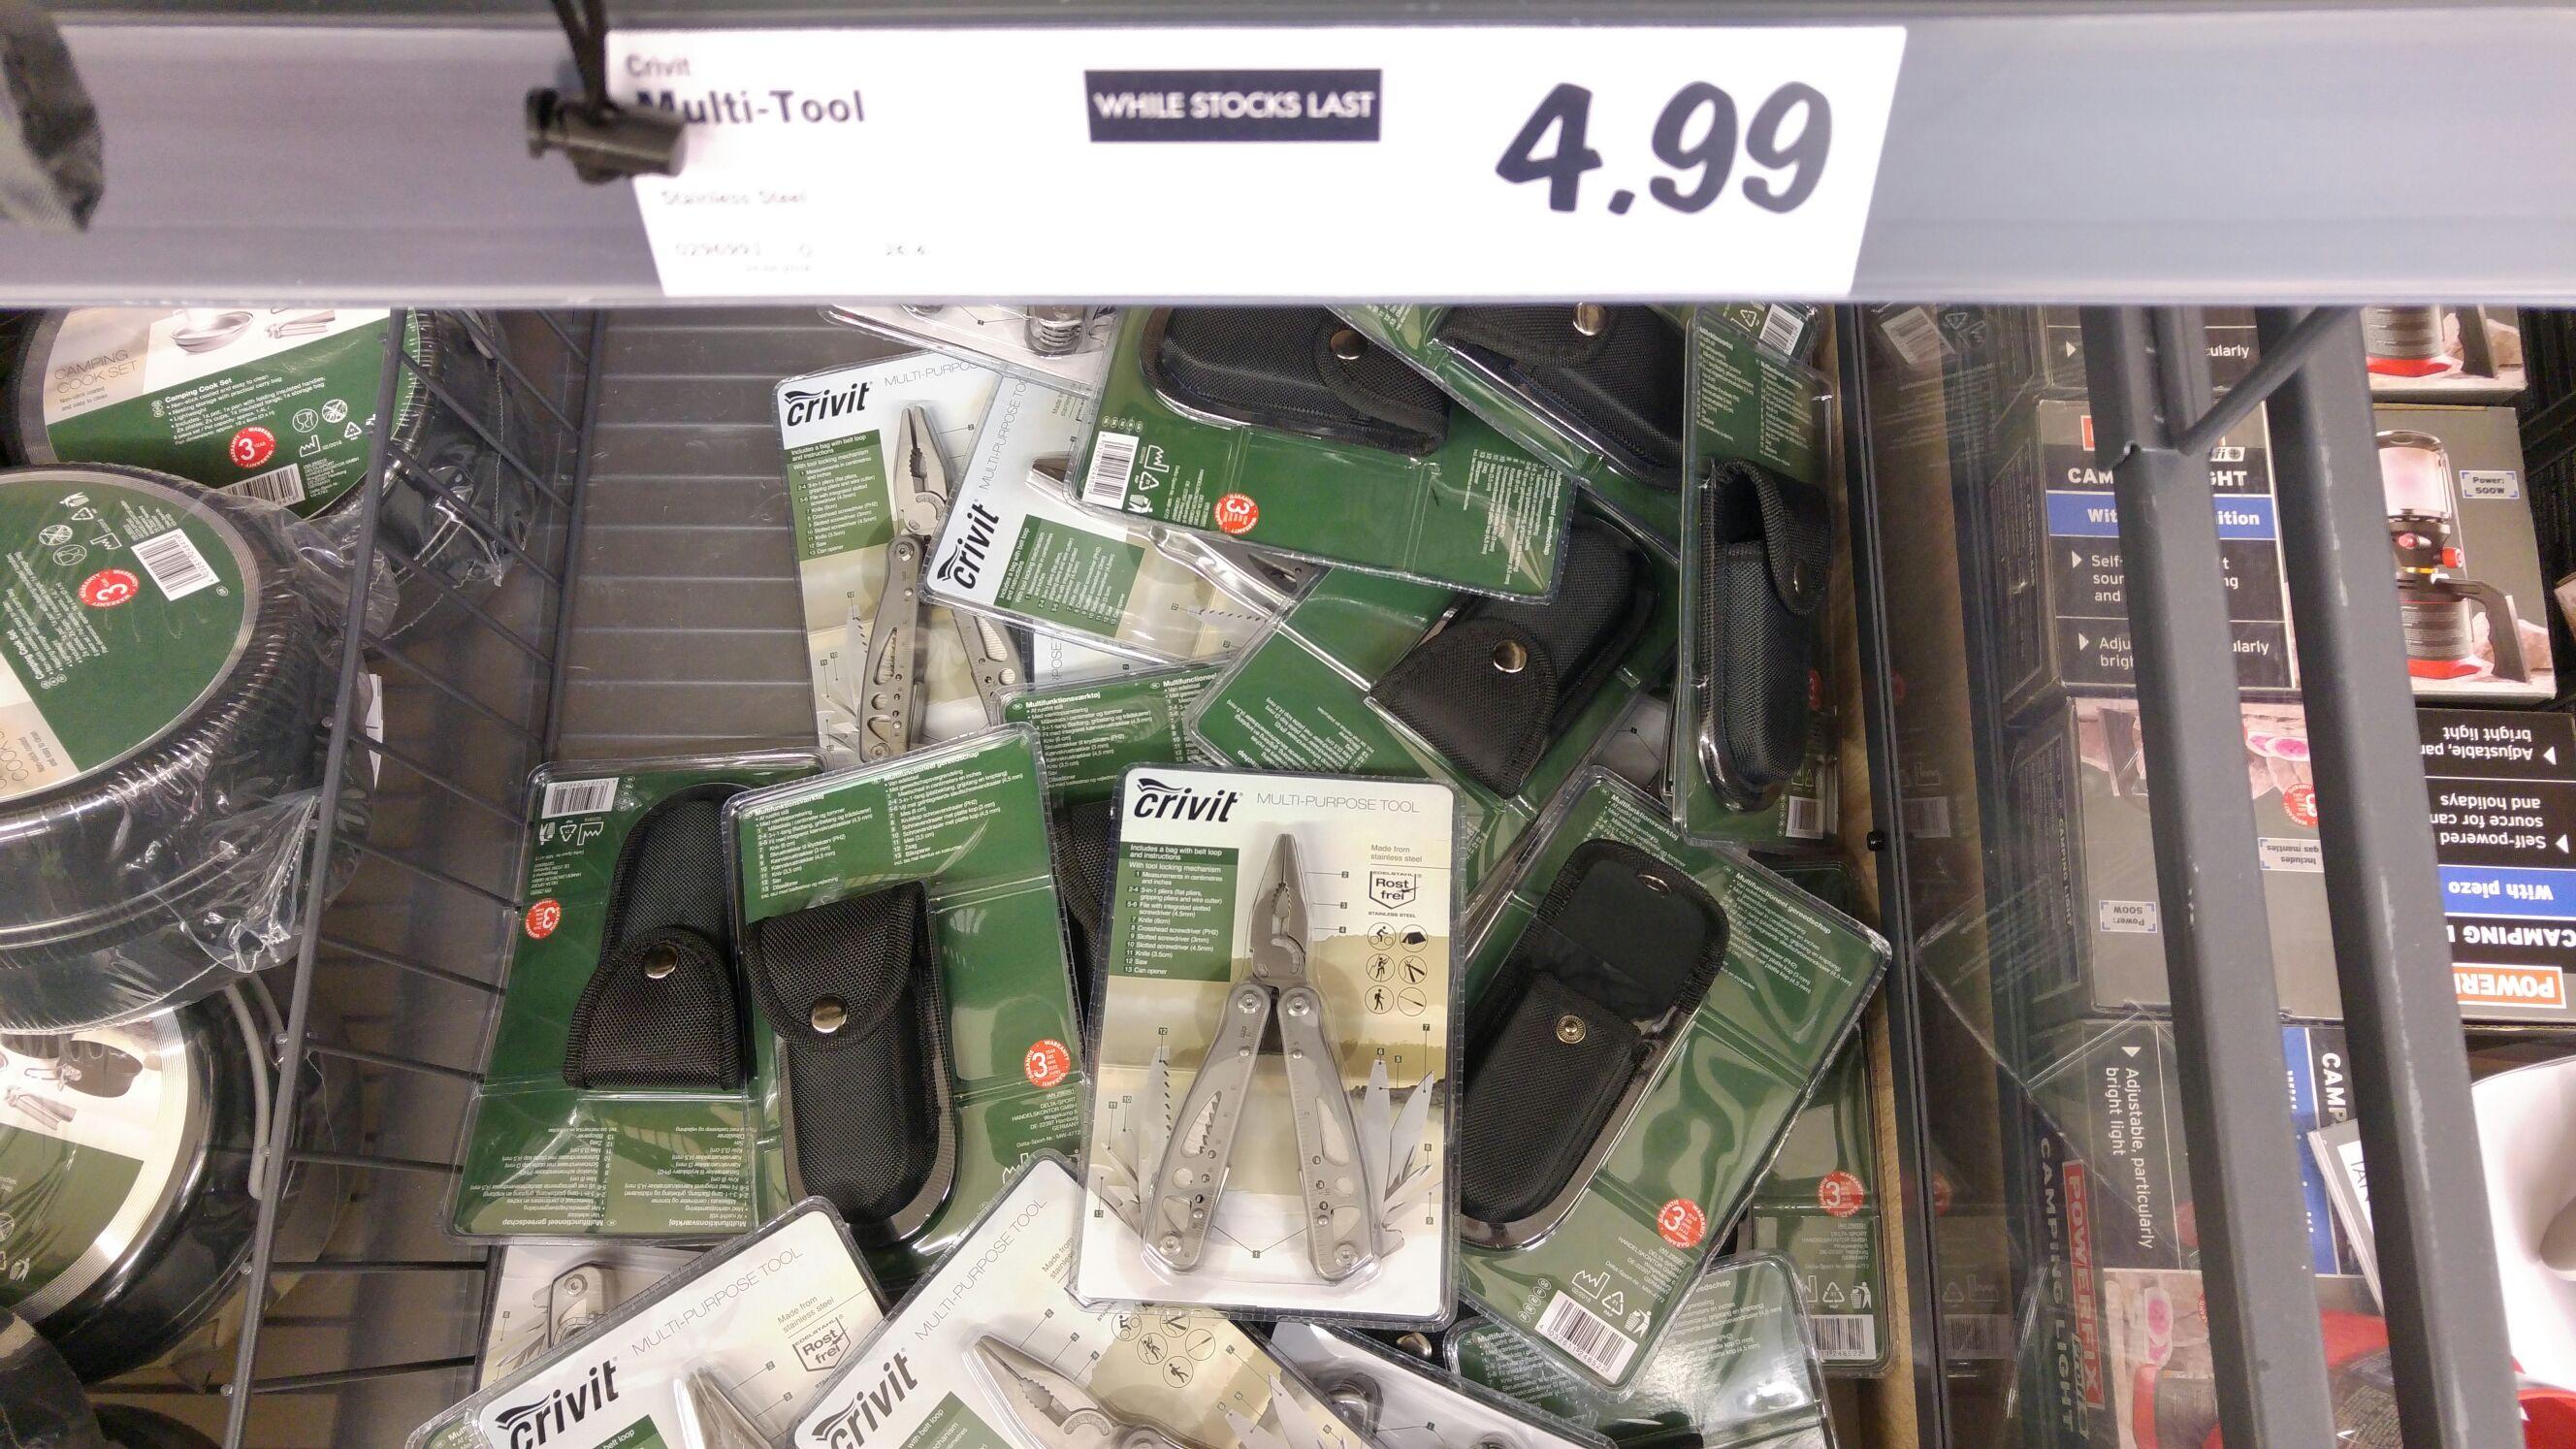 Multi-tool lidl instore £4.99